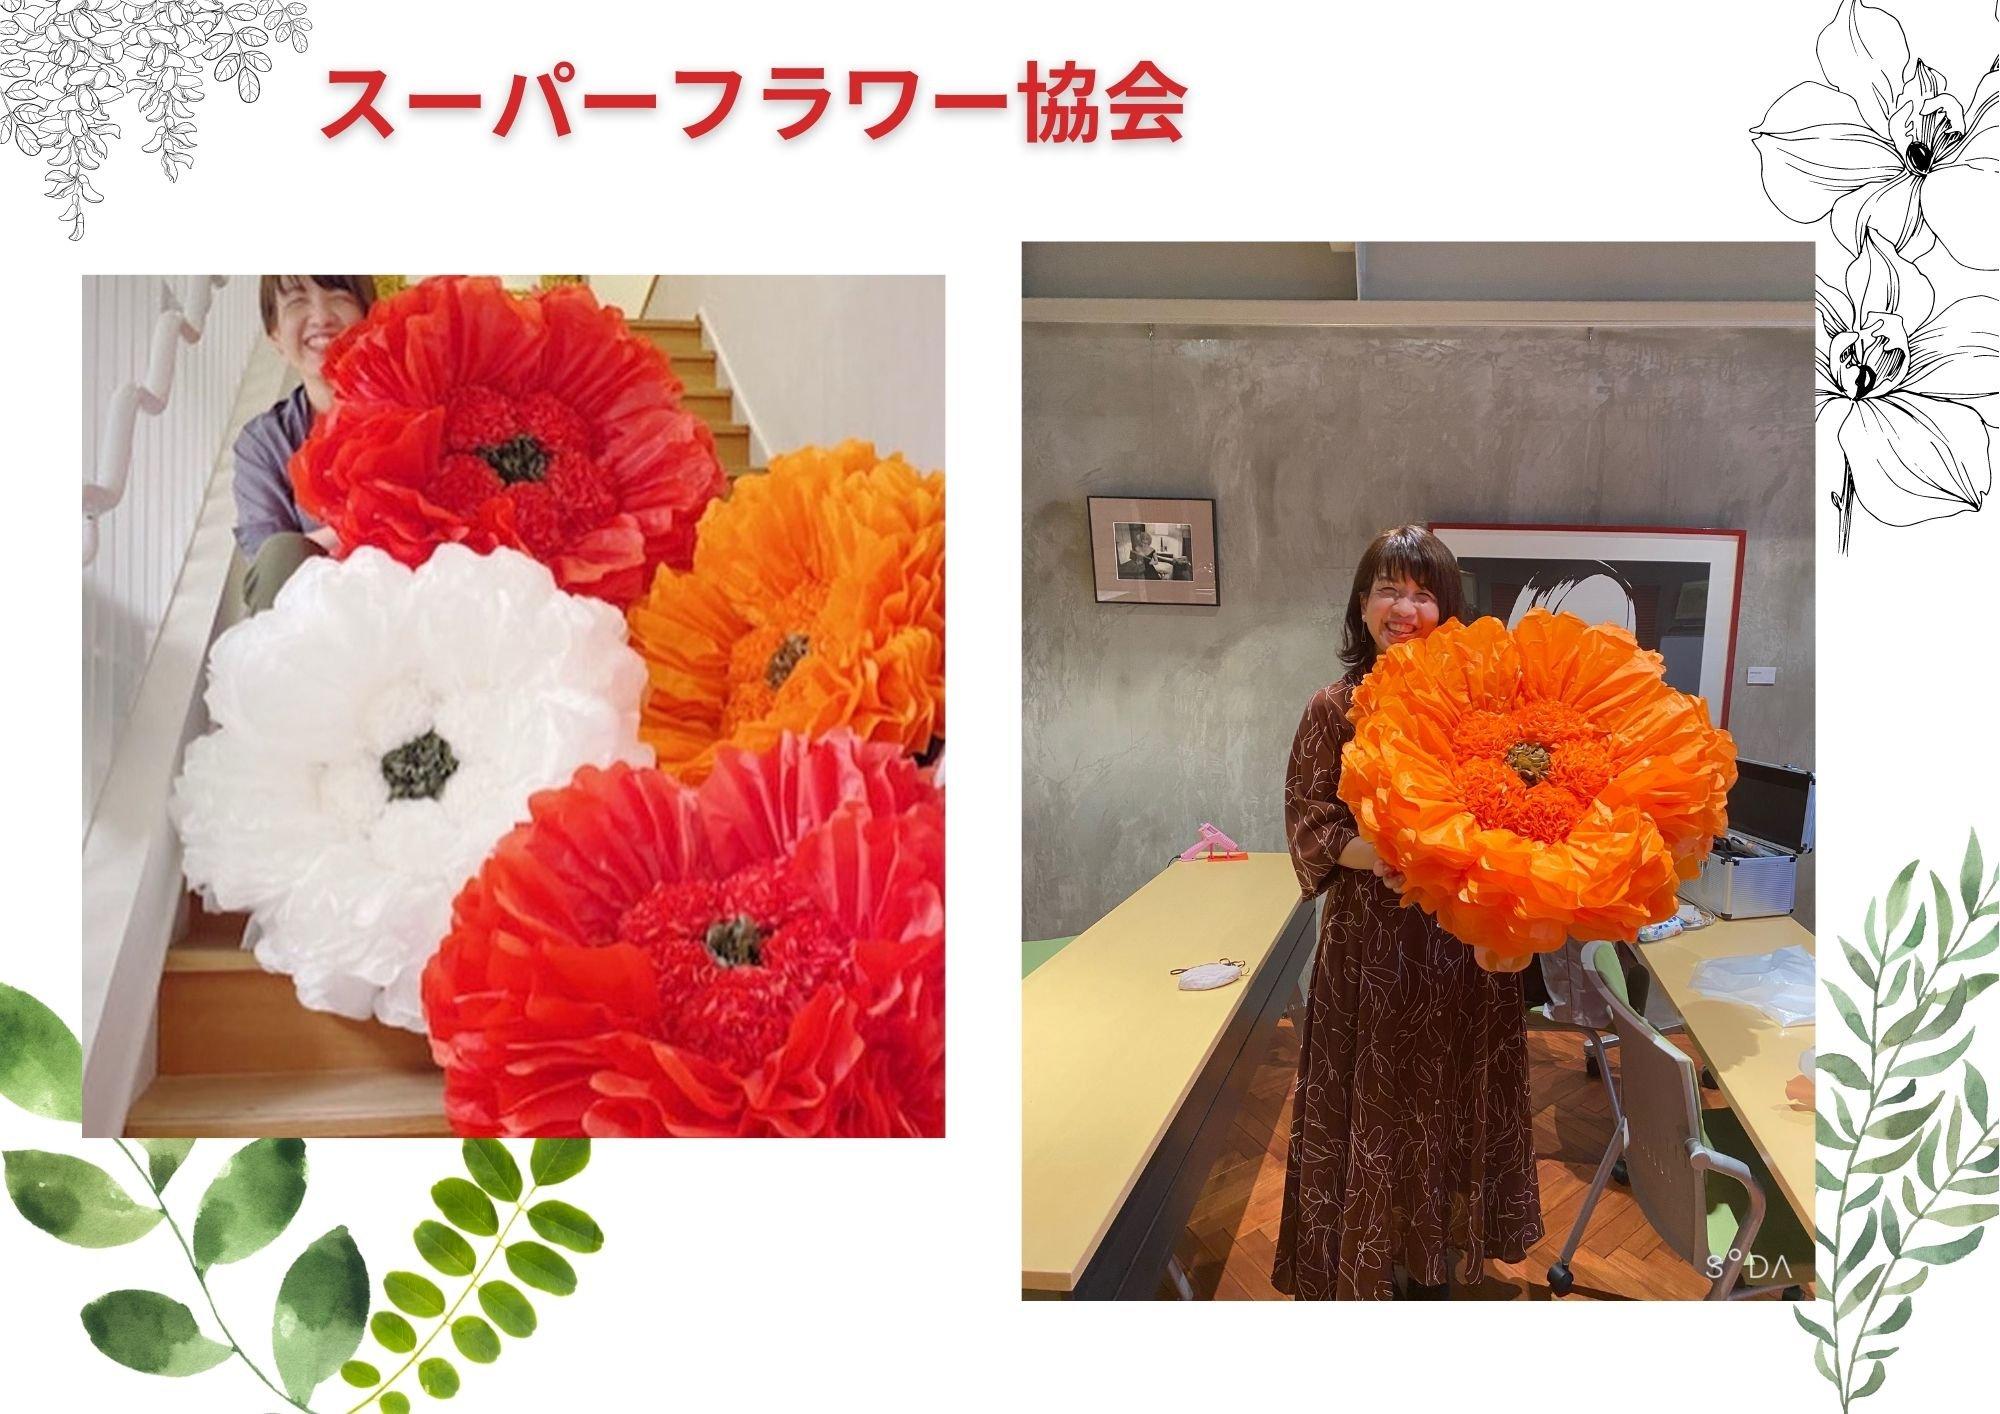 スーパーフラワー協会/鹿児島/ワークショップ開催予定